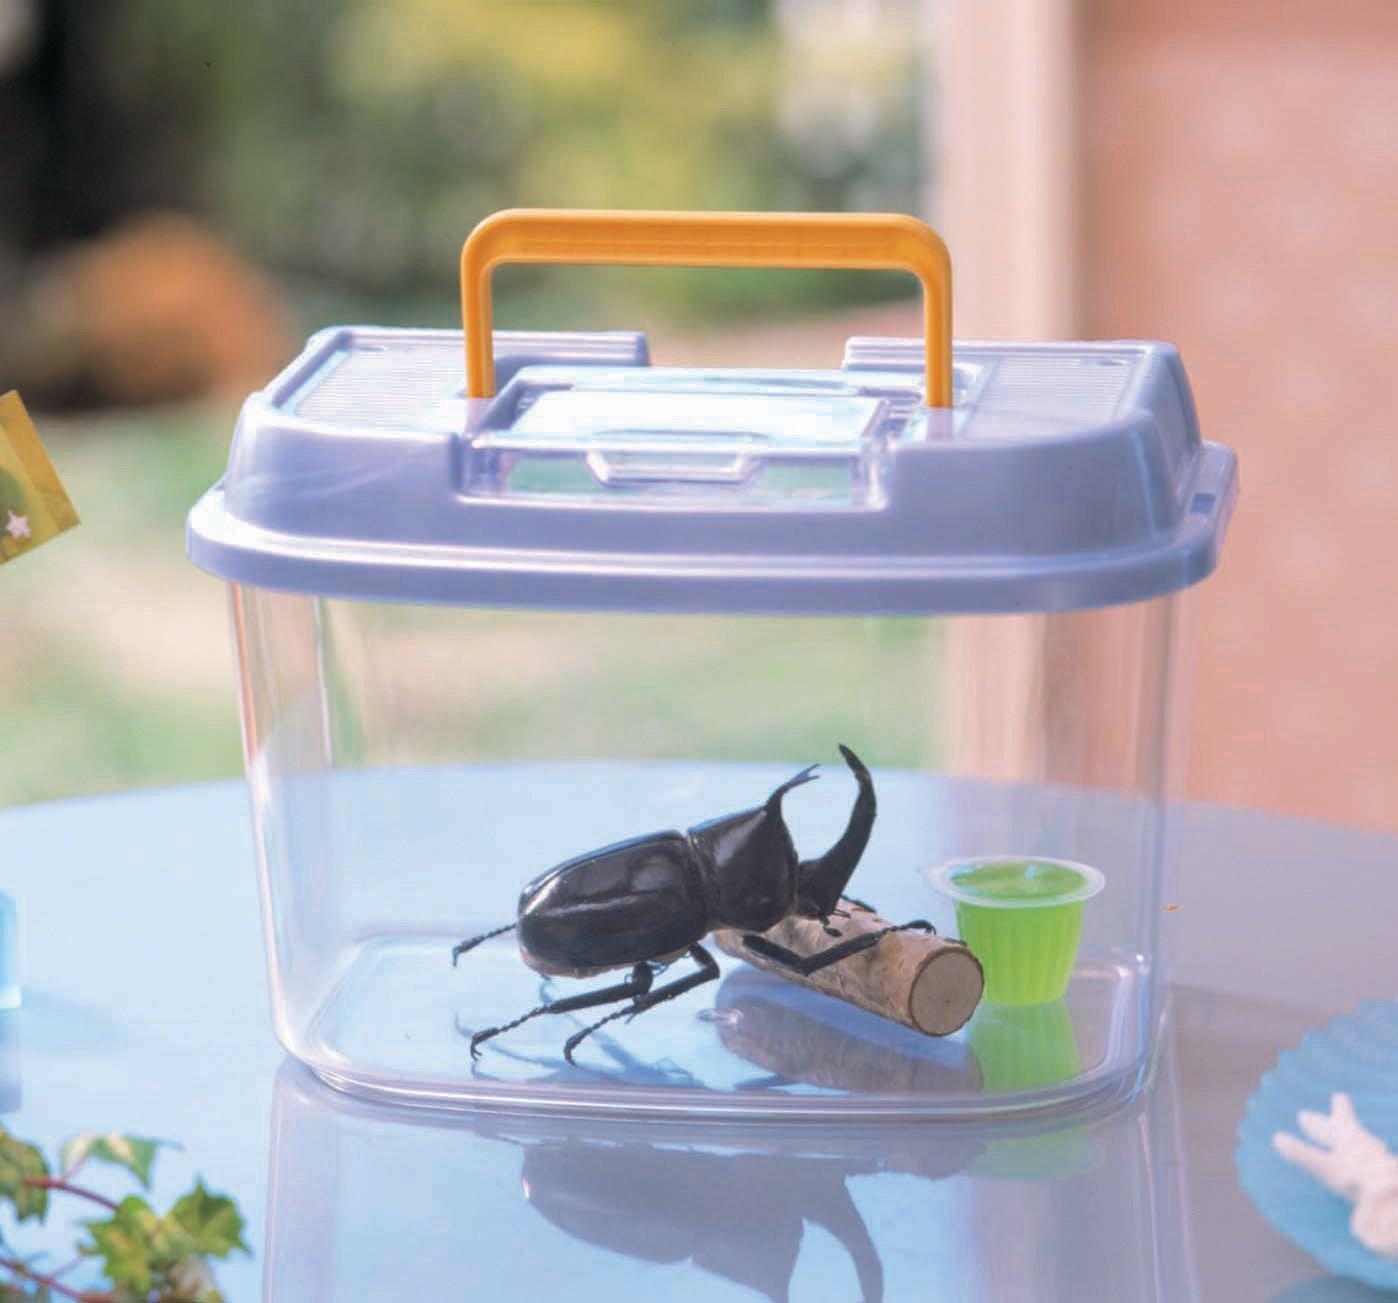 昆虫飼育ケースのおすすめ4選&選び方【観察が楽しくなる】